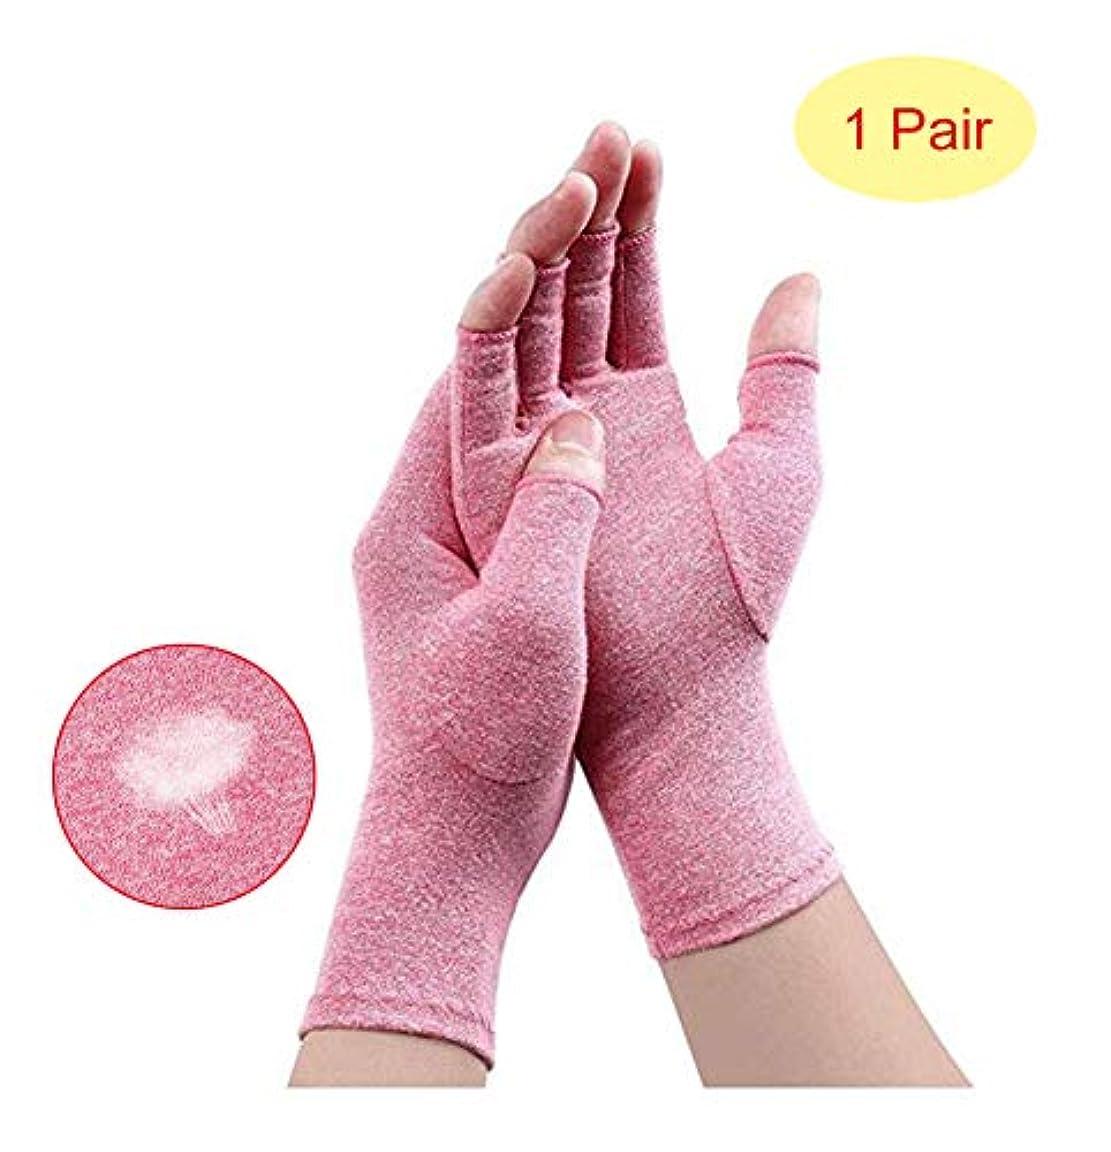 俳句太陽エコー関節炎手袋、ピンクの通気性、手と関節用の抗関節炎健康療法用圧縮手袋、痛みの軽減、毎日の仕事,1Pair,M